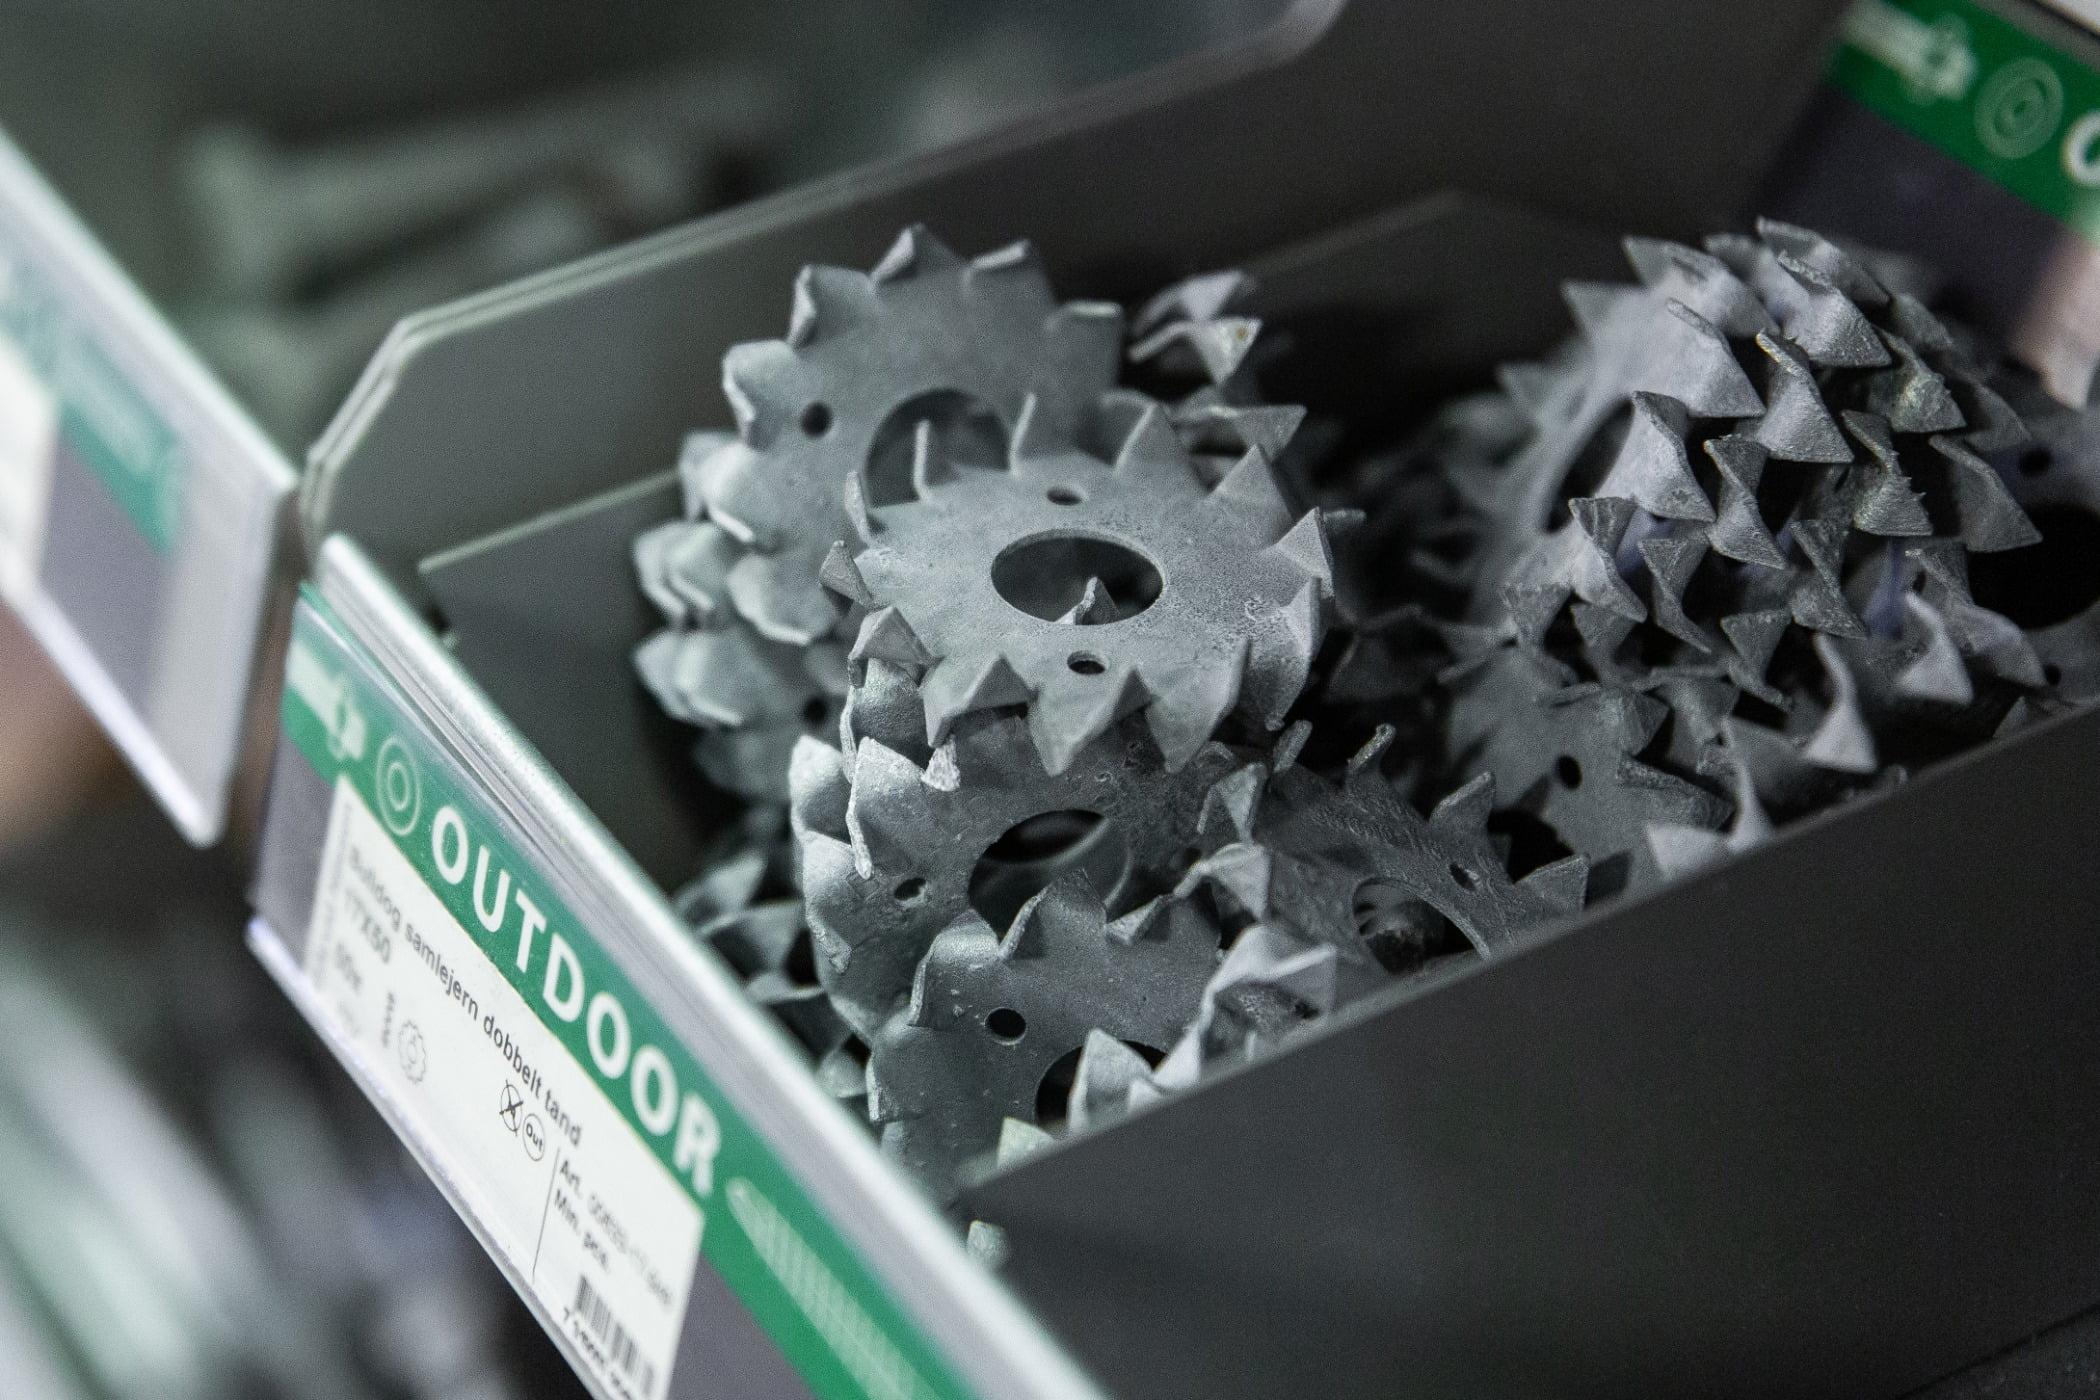 Automotive tire, Bicycle part, Wheel, Plant, Gear, Crankset, Rim